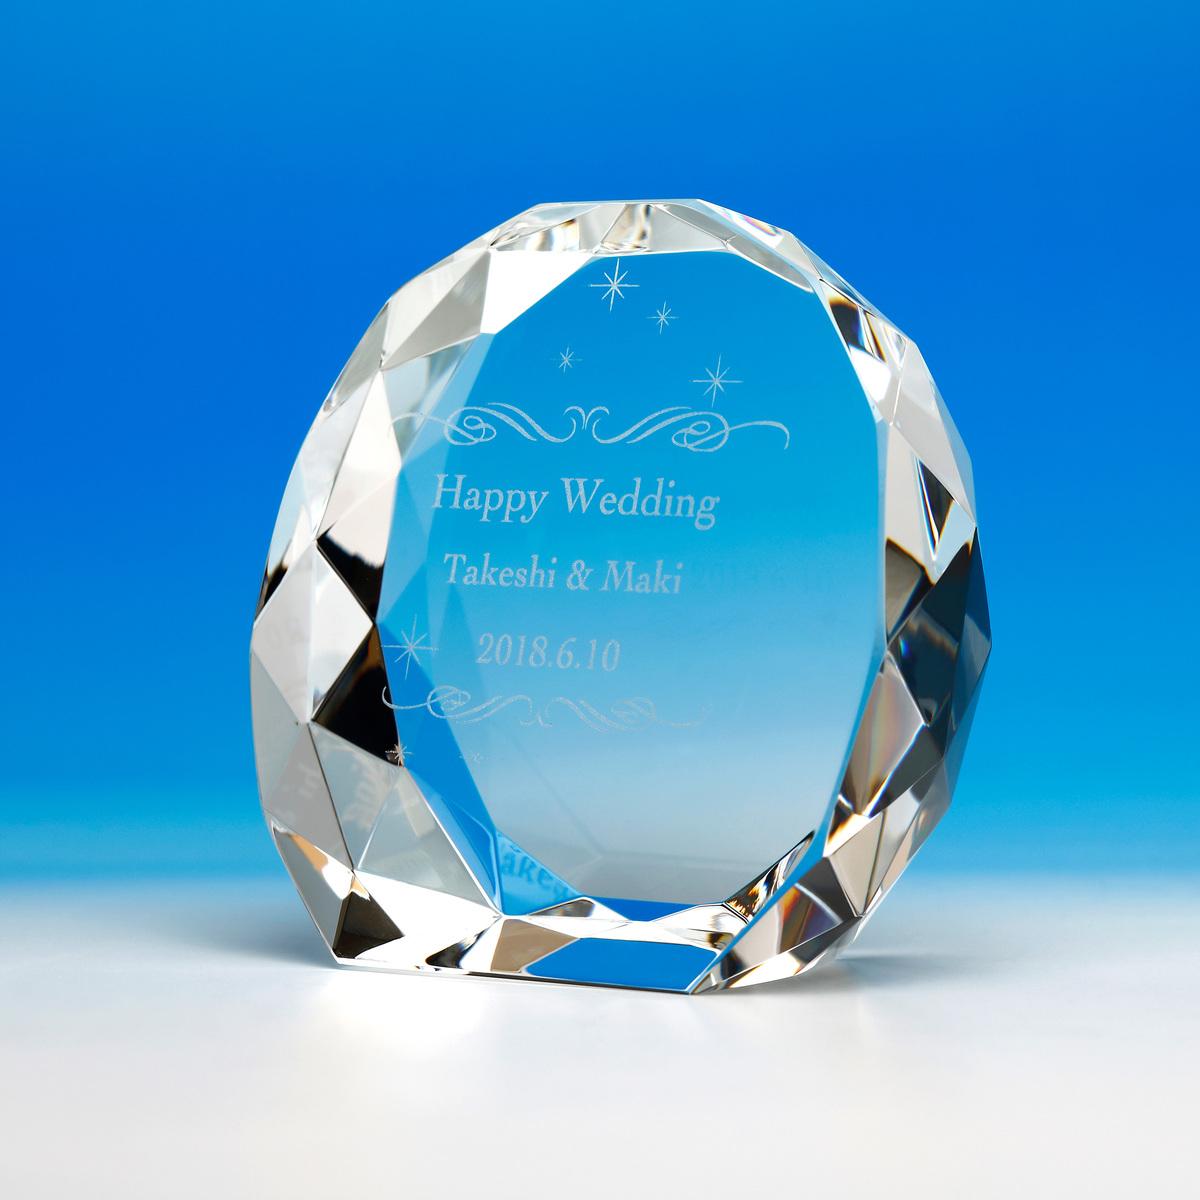 側面のダイヤカットが大変綺麗な表彰楯 小さいながらも存在感があります 送料無料 Lサイズ トロフィー クリスタル 迅速な対応で商品をお届け致します ガラス 名入れ クリスタル楯 表彰状 加工費込 L 記念品 サイズ OGD-007 表彰楯 流行